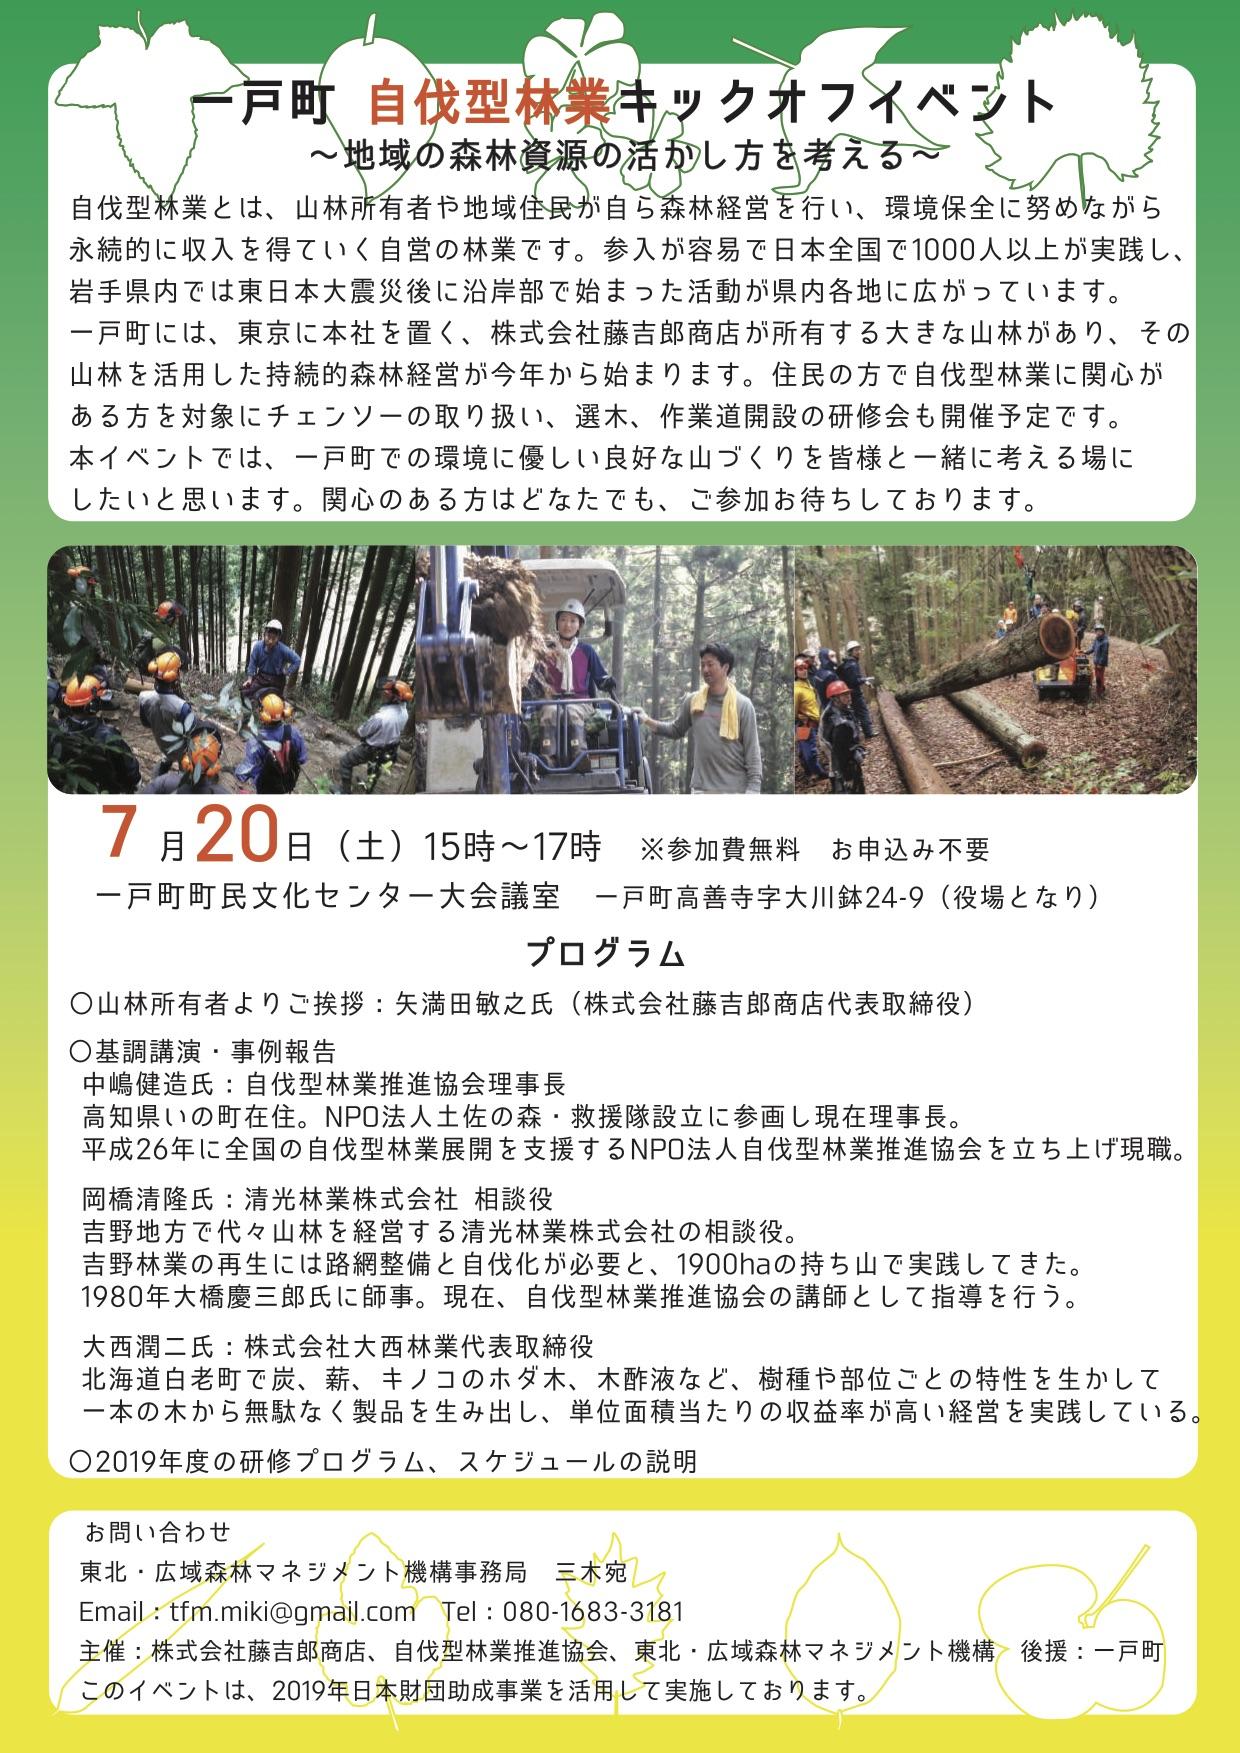 7月20日は岩手県一戸町で「自伐型林業キックオフイベント」開催